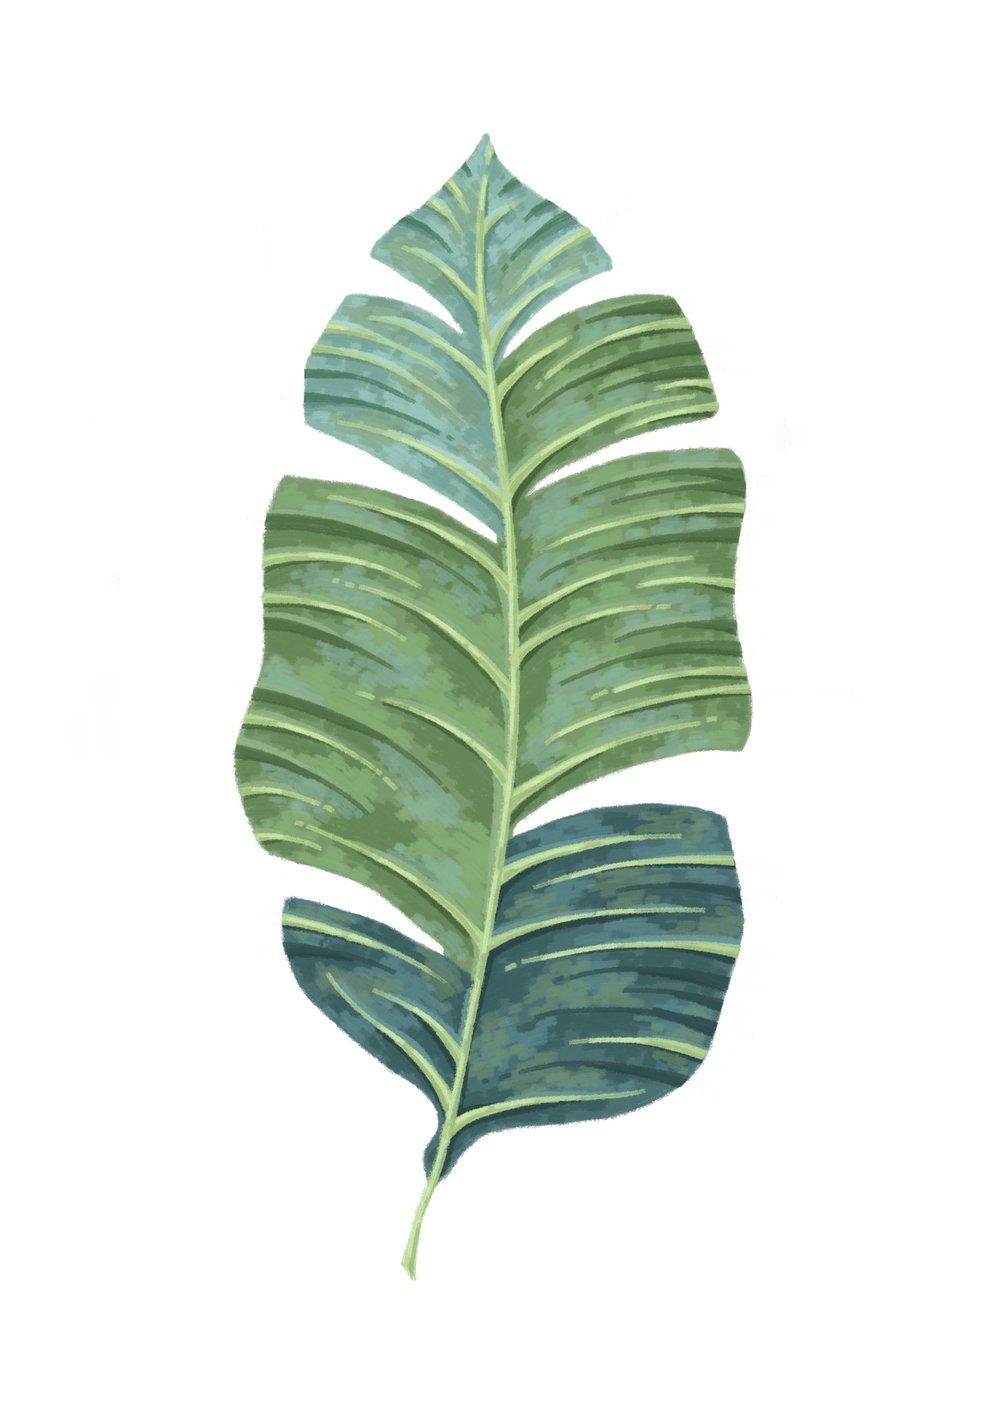 Palm leaf illustration.